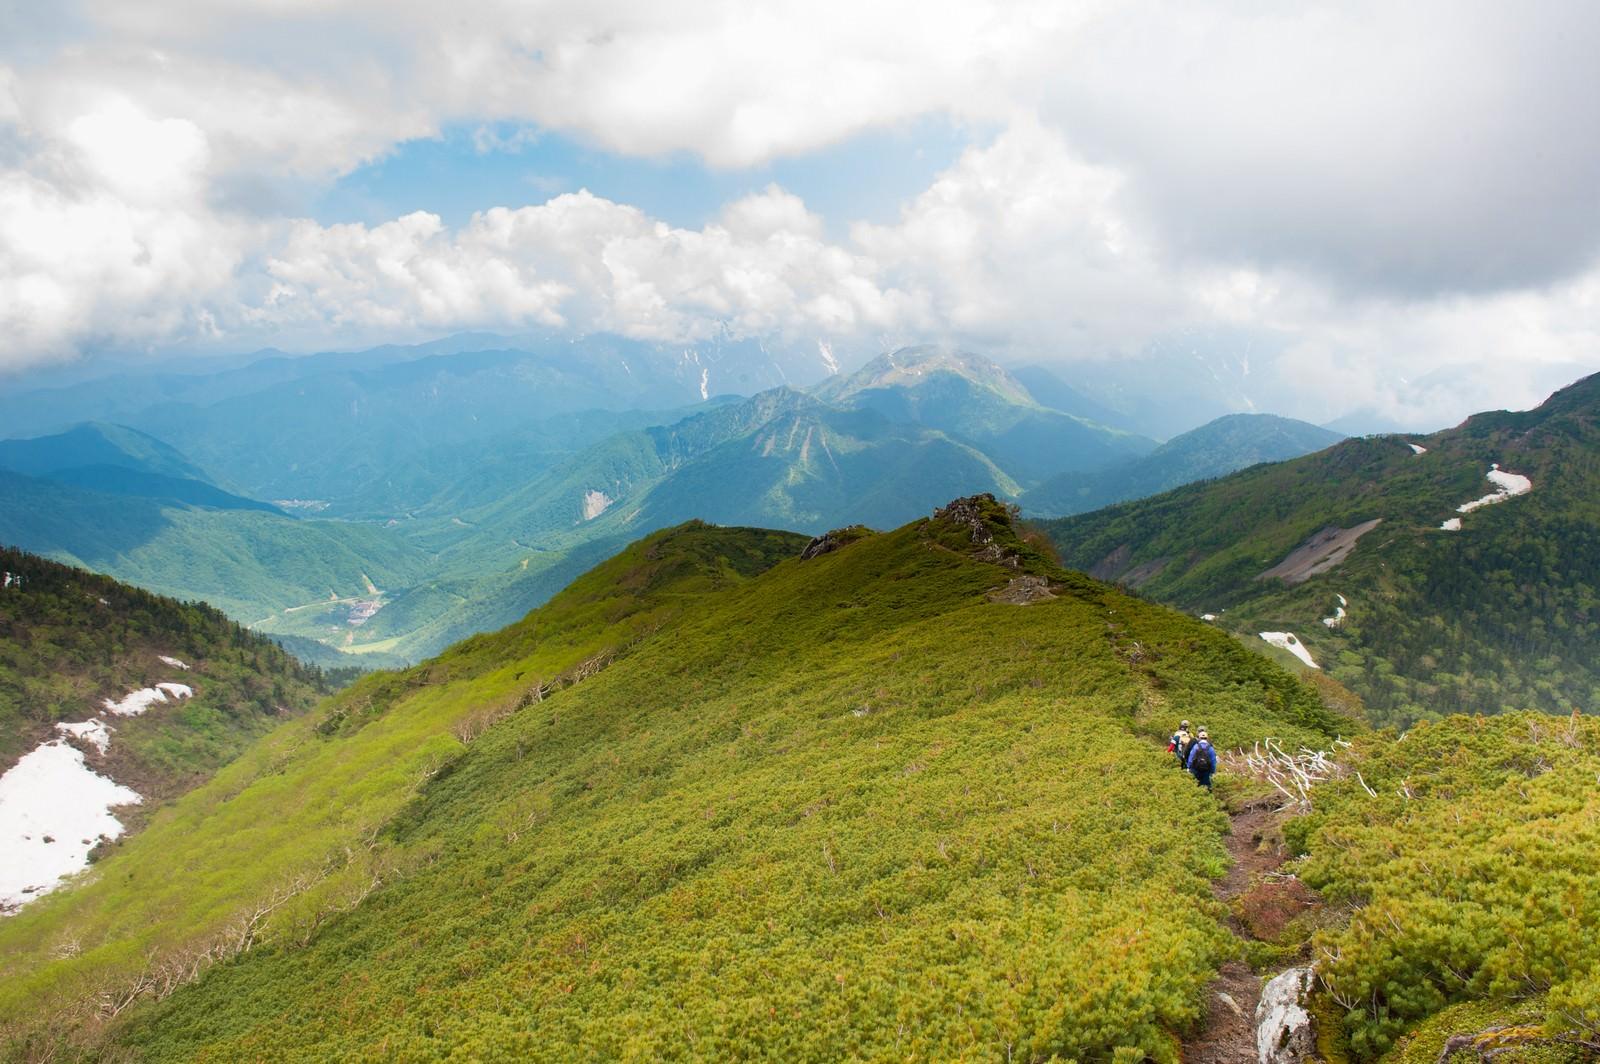 「焼岳越しに北アルプスが望める乗鞍新登山道焼岳越しに北アルプスが望める乗鞍新登山道」のフリー写真素材を拡大